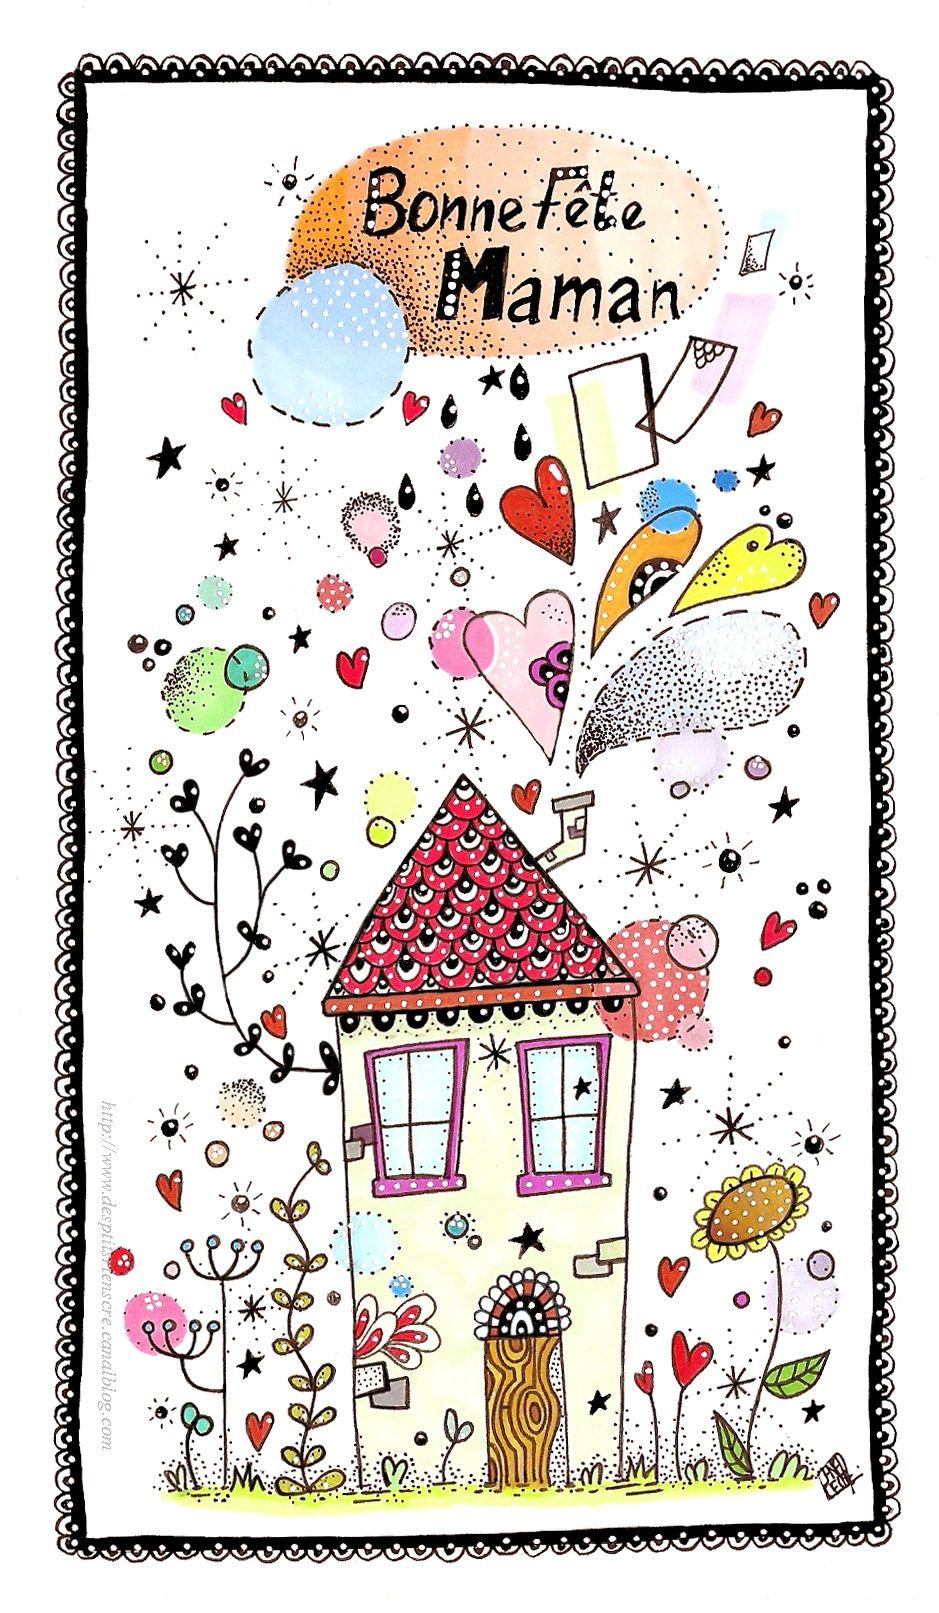 Carte Bonne Fete Imprimer.Bonne Fete Maman 2015 A Imprimer Des P Tits Riens